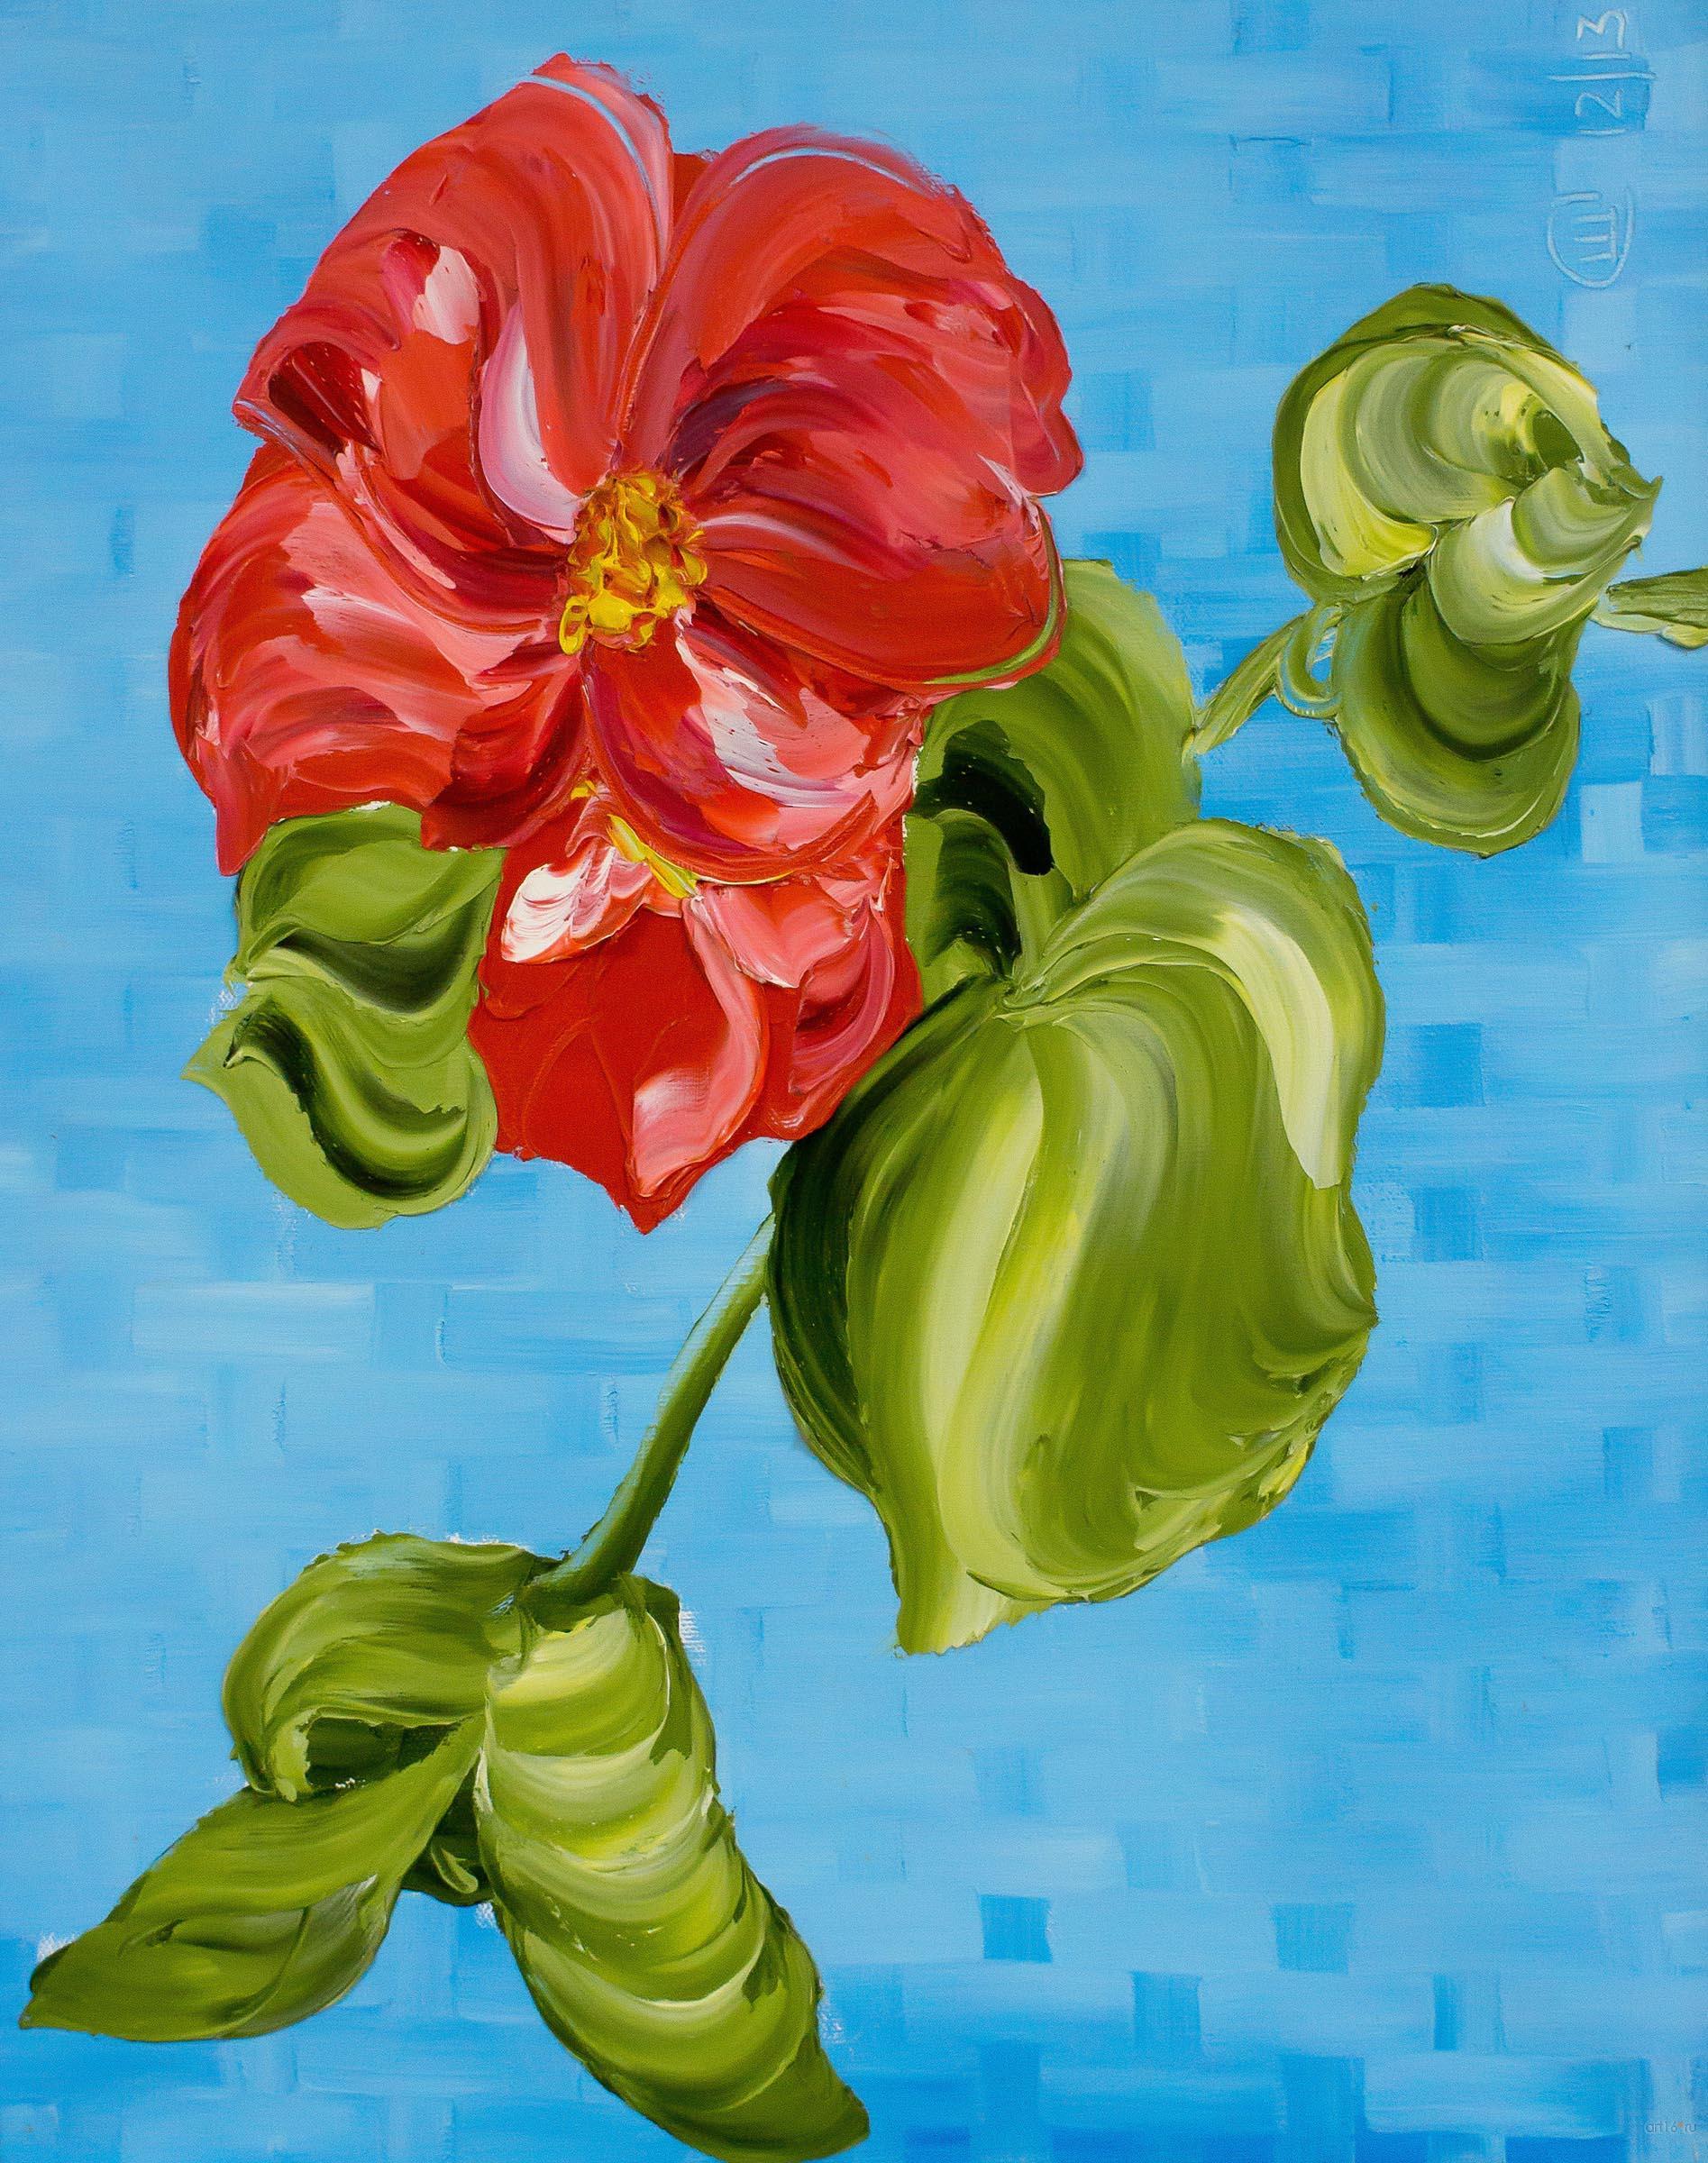 «Красный цветок смятений ты подарила мне... (А. Шох)». Светлана Шавалеева::4-я Выставка достижений «Художников выходного дня Республики Татарстан»